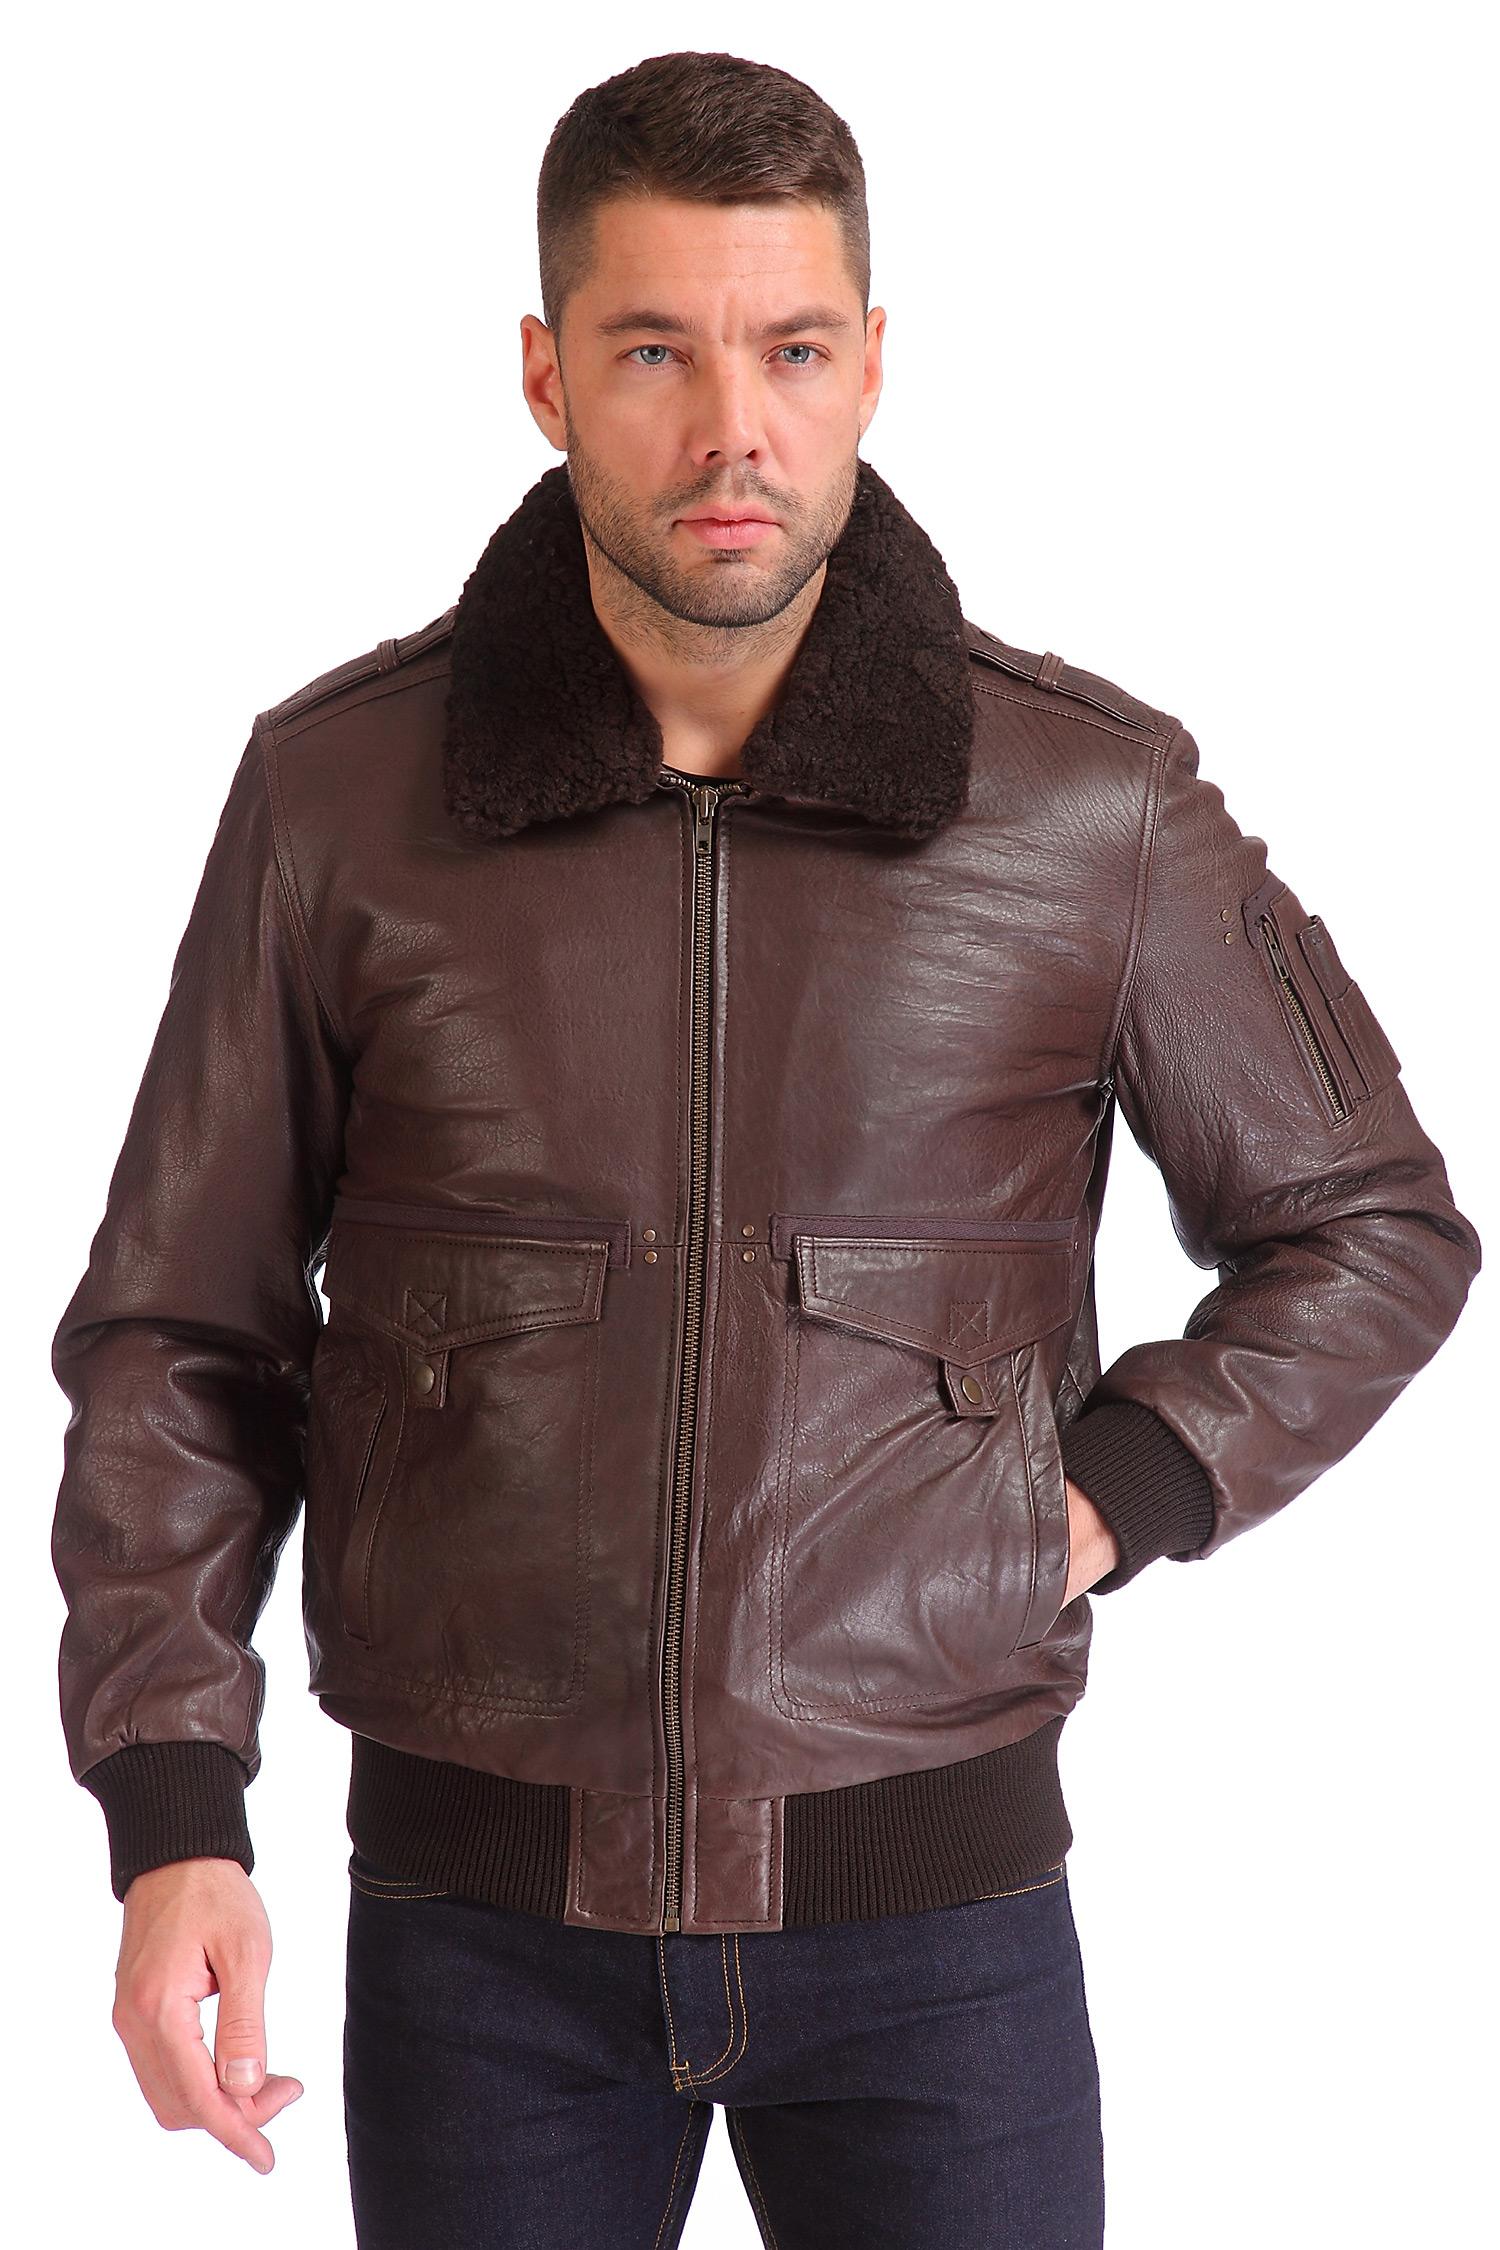 Мужская кожаная куртка из натуральной кожи утепленная, отделка овчина<br><br>Длина см: Короткая (51-74 )<br>Материал: Кожа овчина<br>Цвет: коричневый<br>Пол: Мужской<br>Размер RU: 48